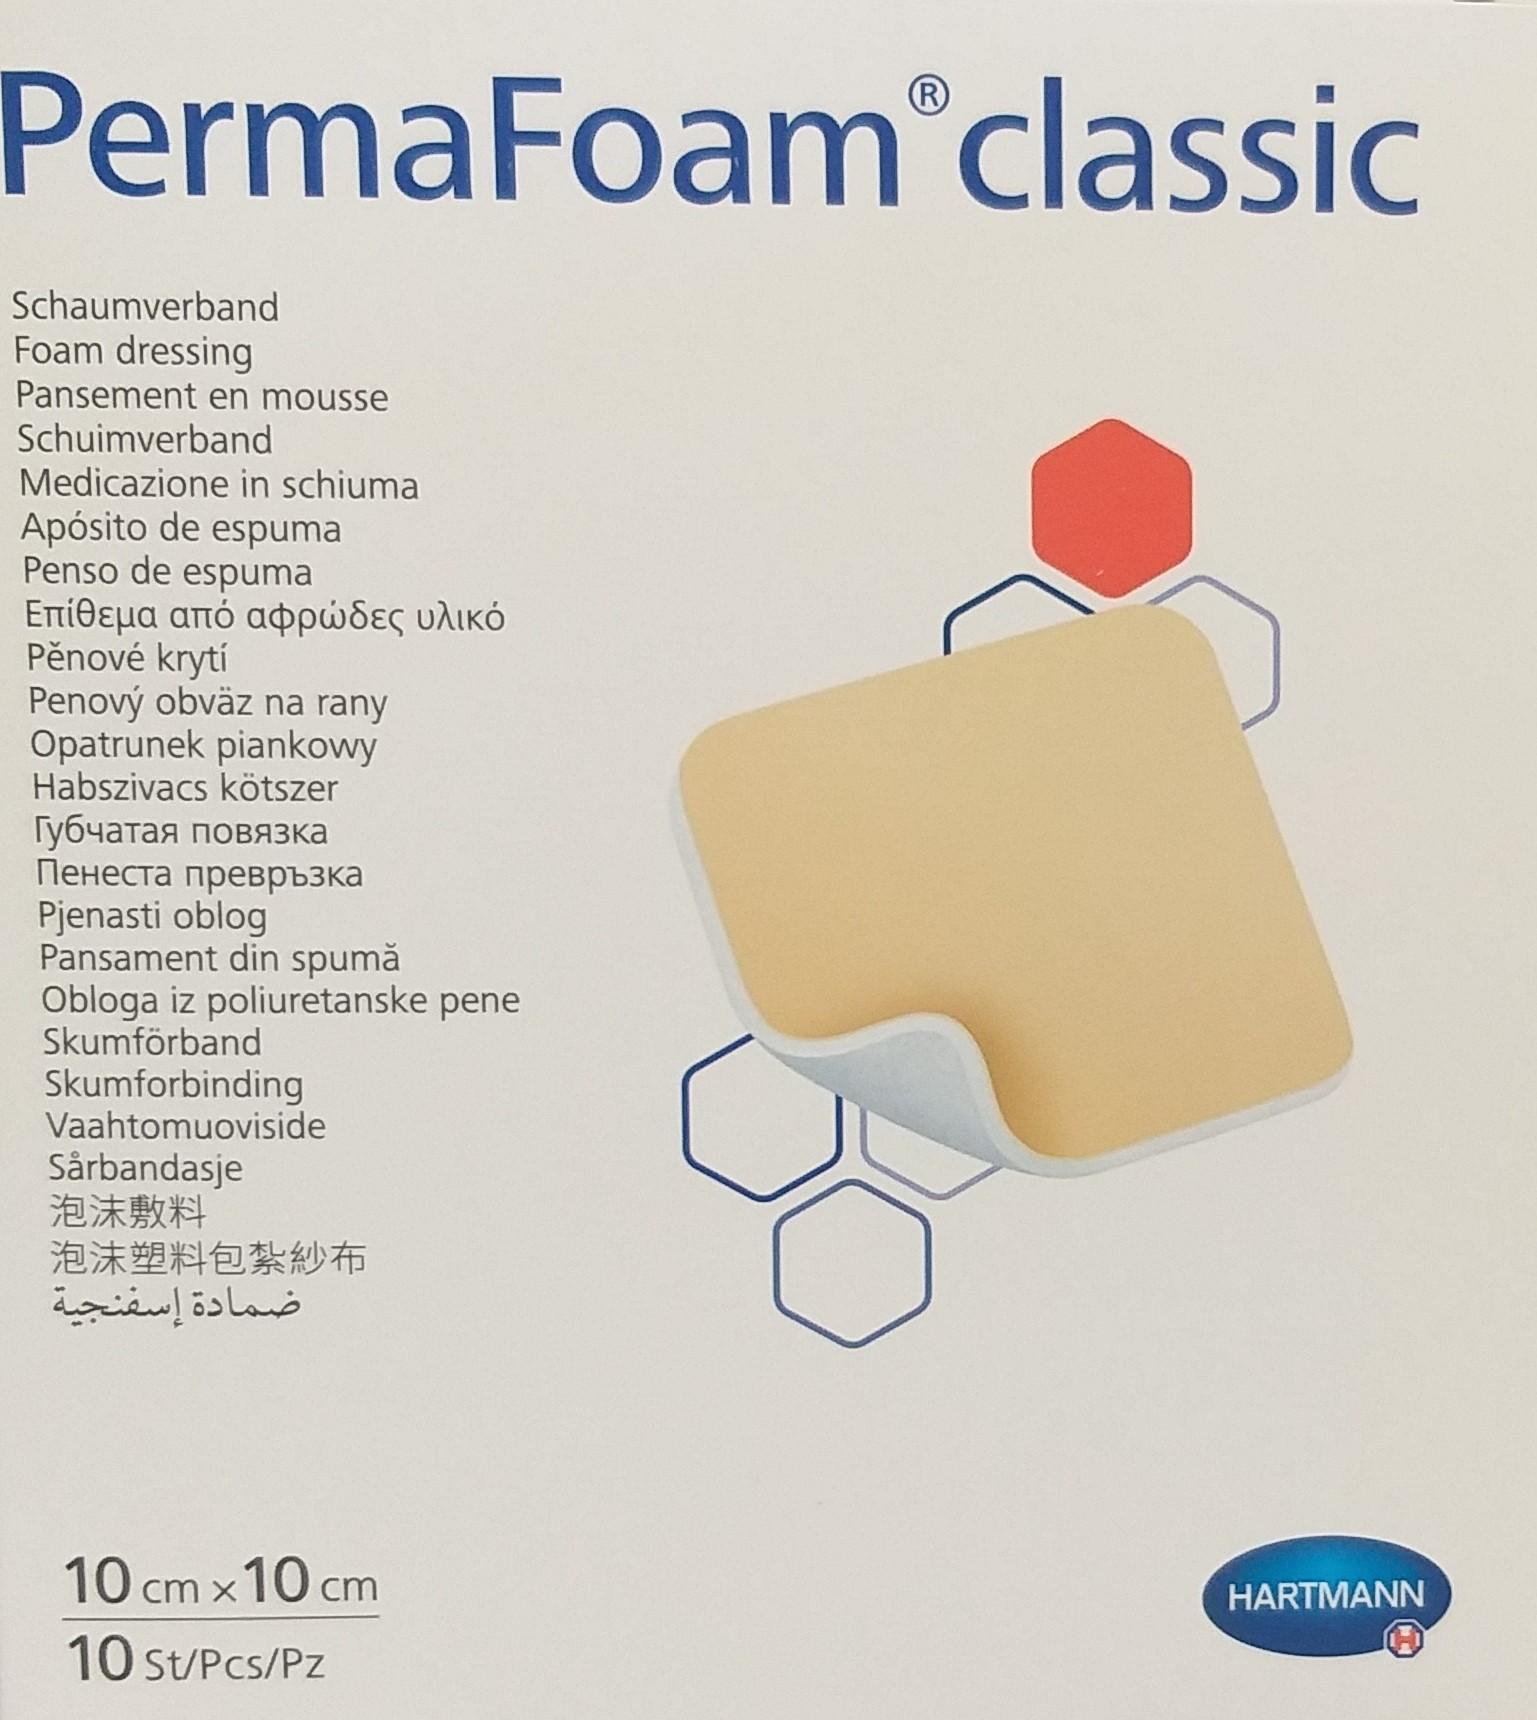 PermaFoam (10x10) - Material de Penso & Cicatrização